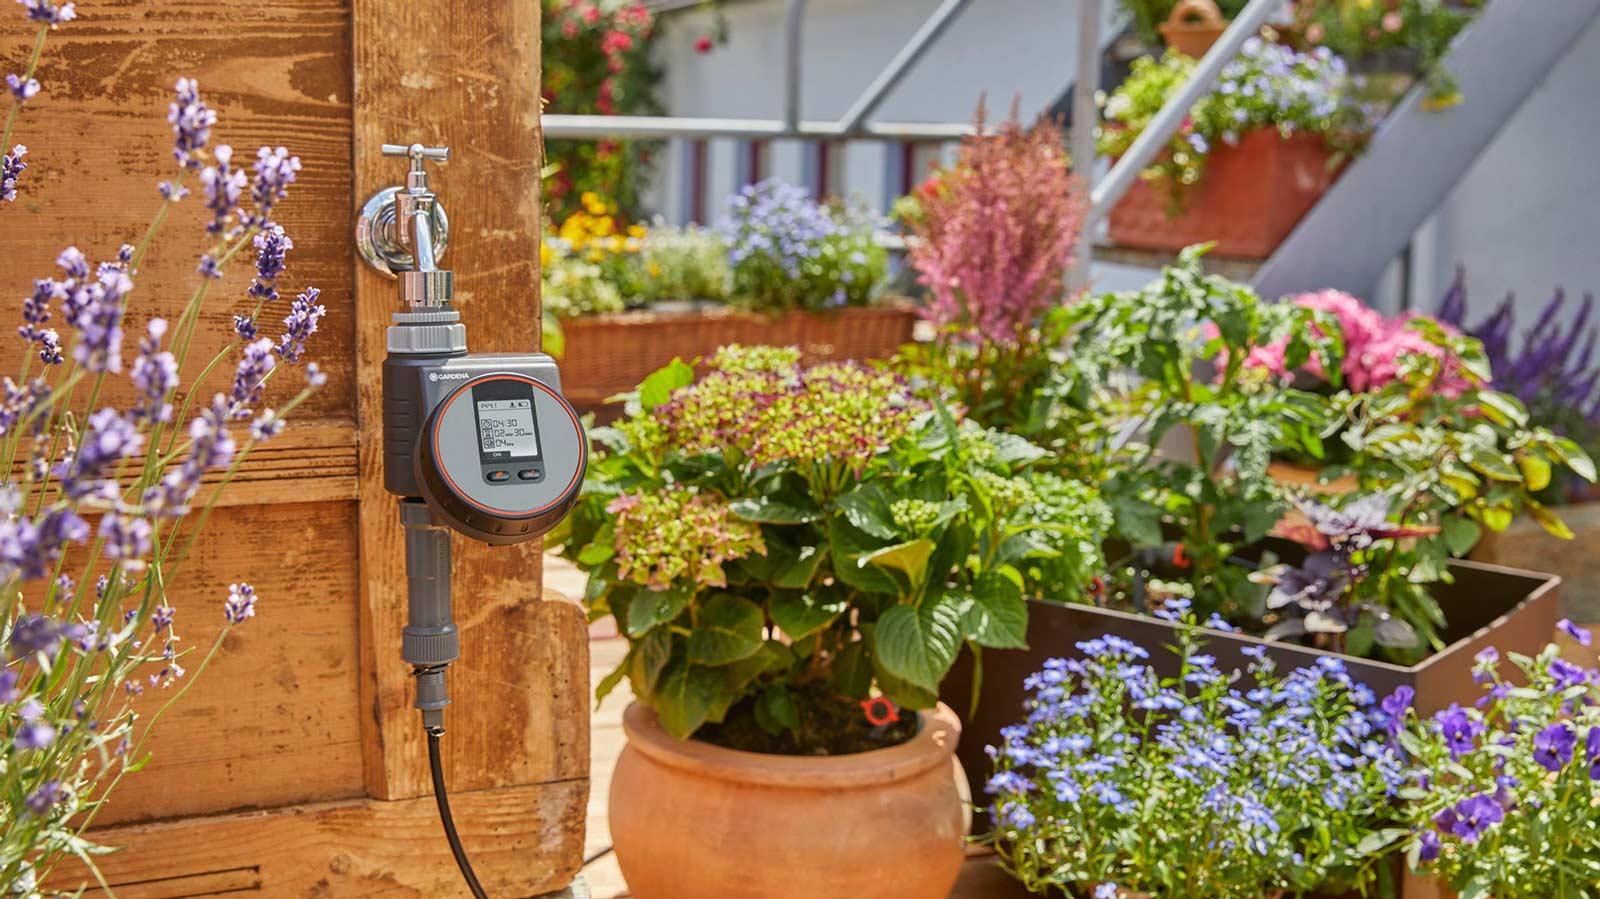 Full Size of Rollrasen Schirmer Gardena Bewsserung Automatische Und Smarte Garten Loungemöbel Holz Hängesessel Bewässerungssysteme Test Kandelaber Günstig Mastleuchten Garten Bewässerungssysteme Garten